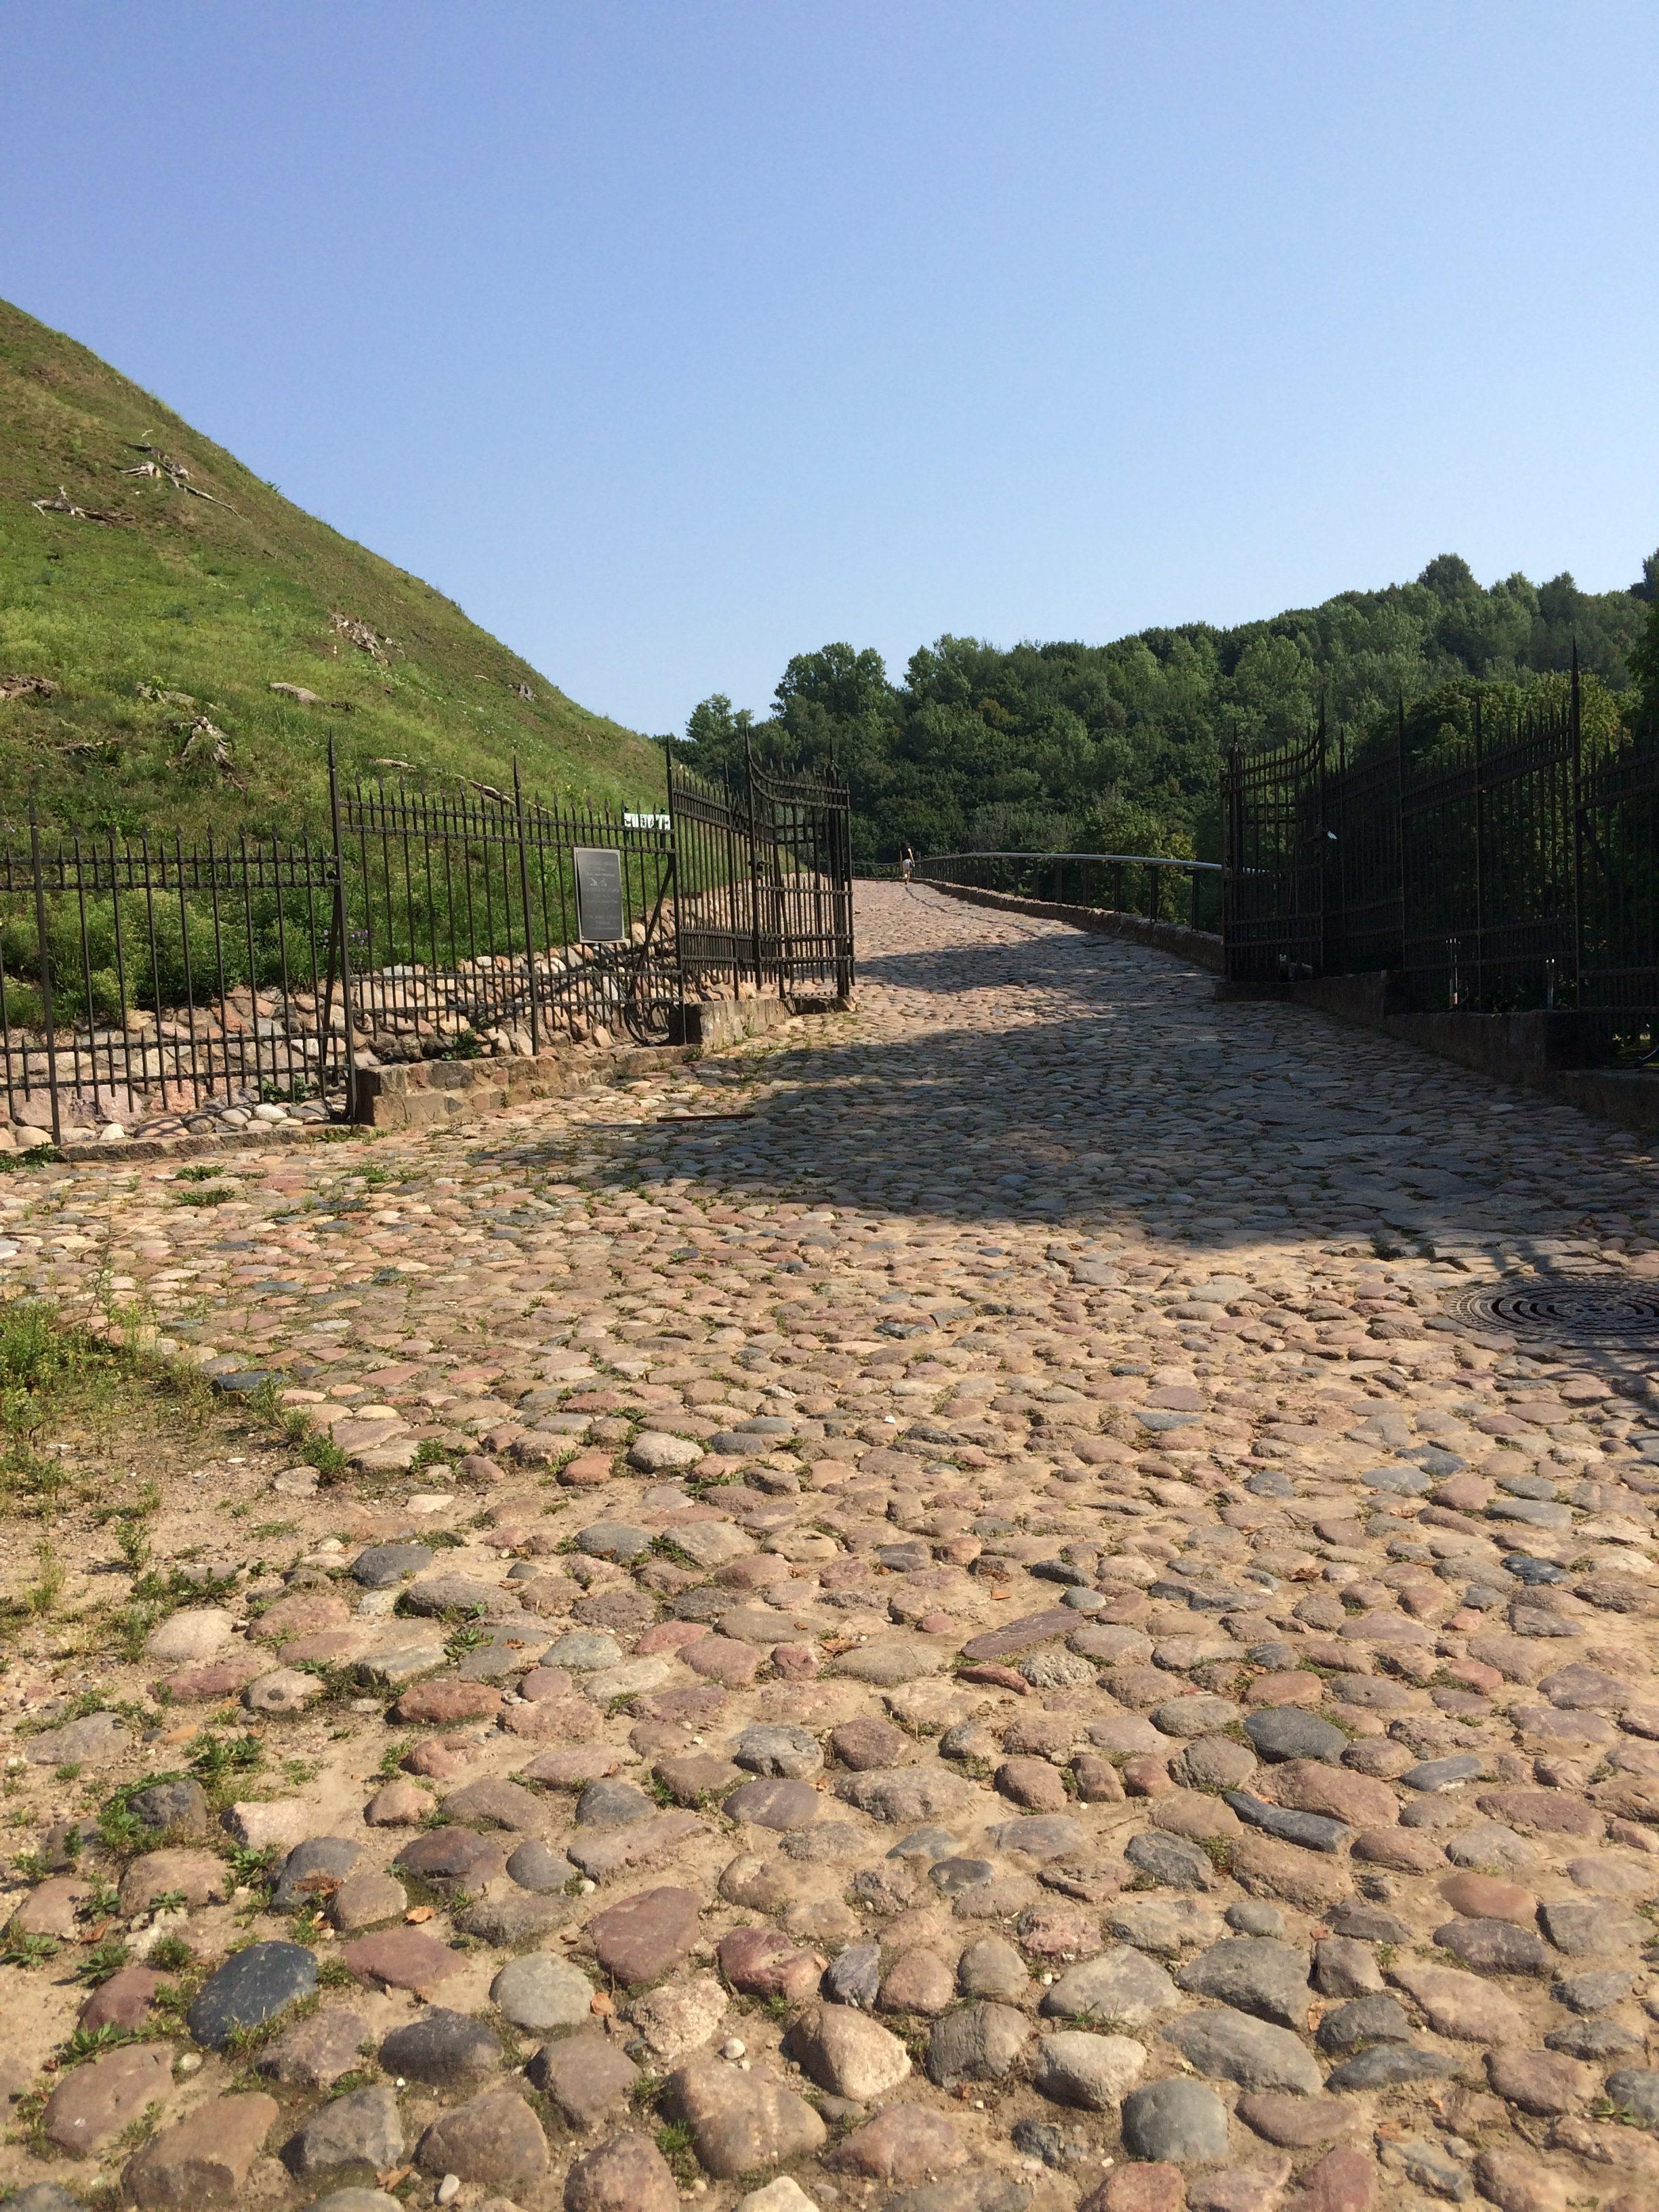 ゲティミナス城の入り口の門